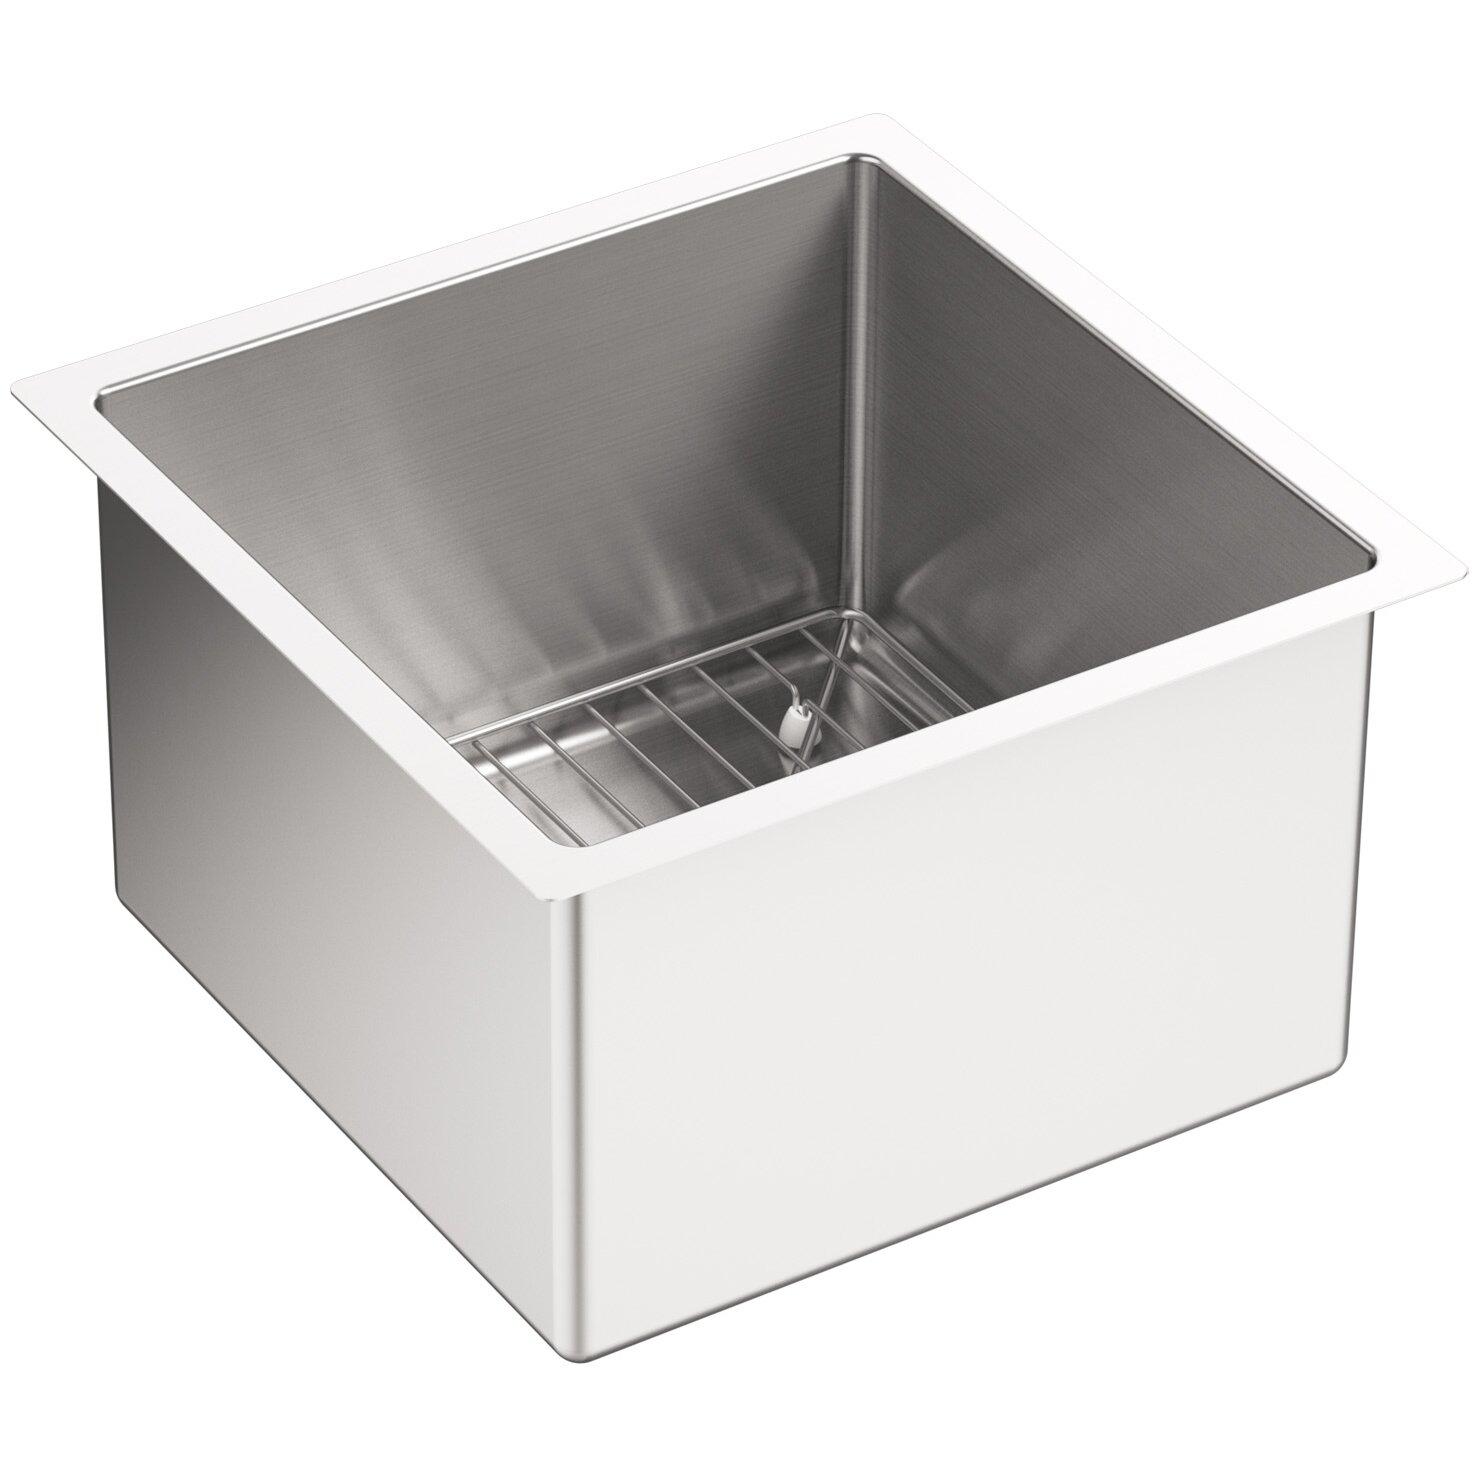 Kohler Strive Sink : Kohler Strive 15